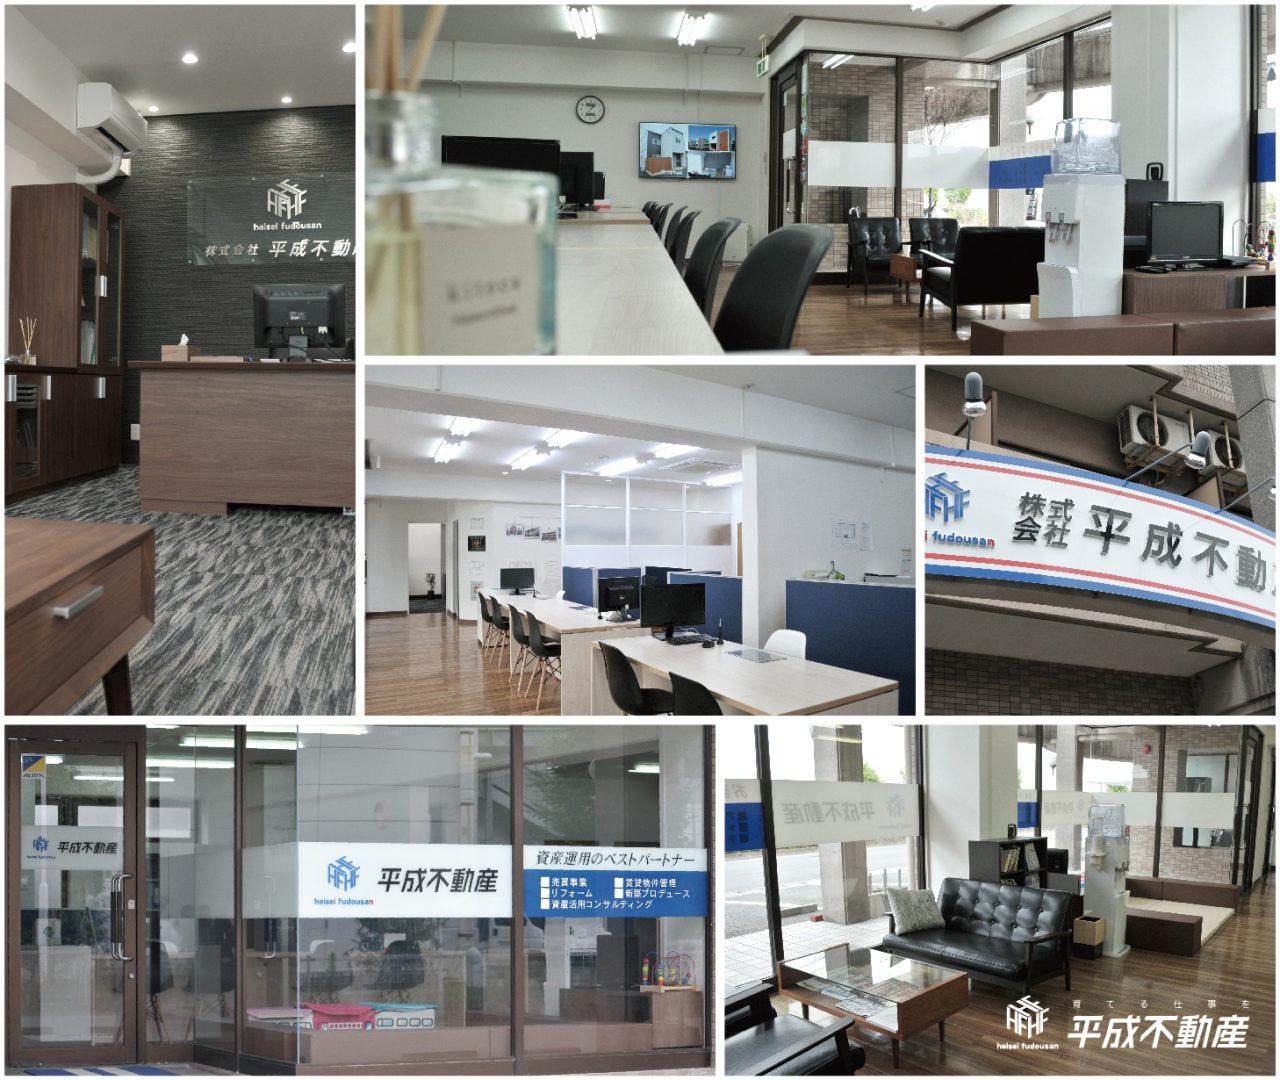 平成不動産 事務所風景